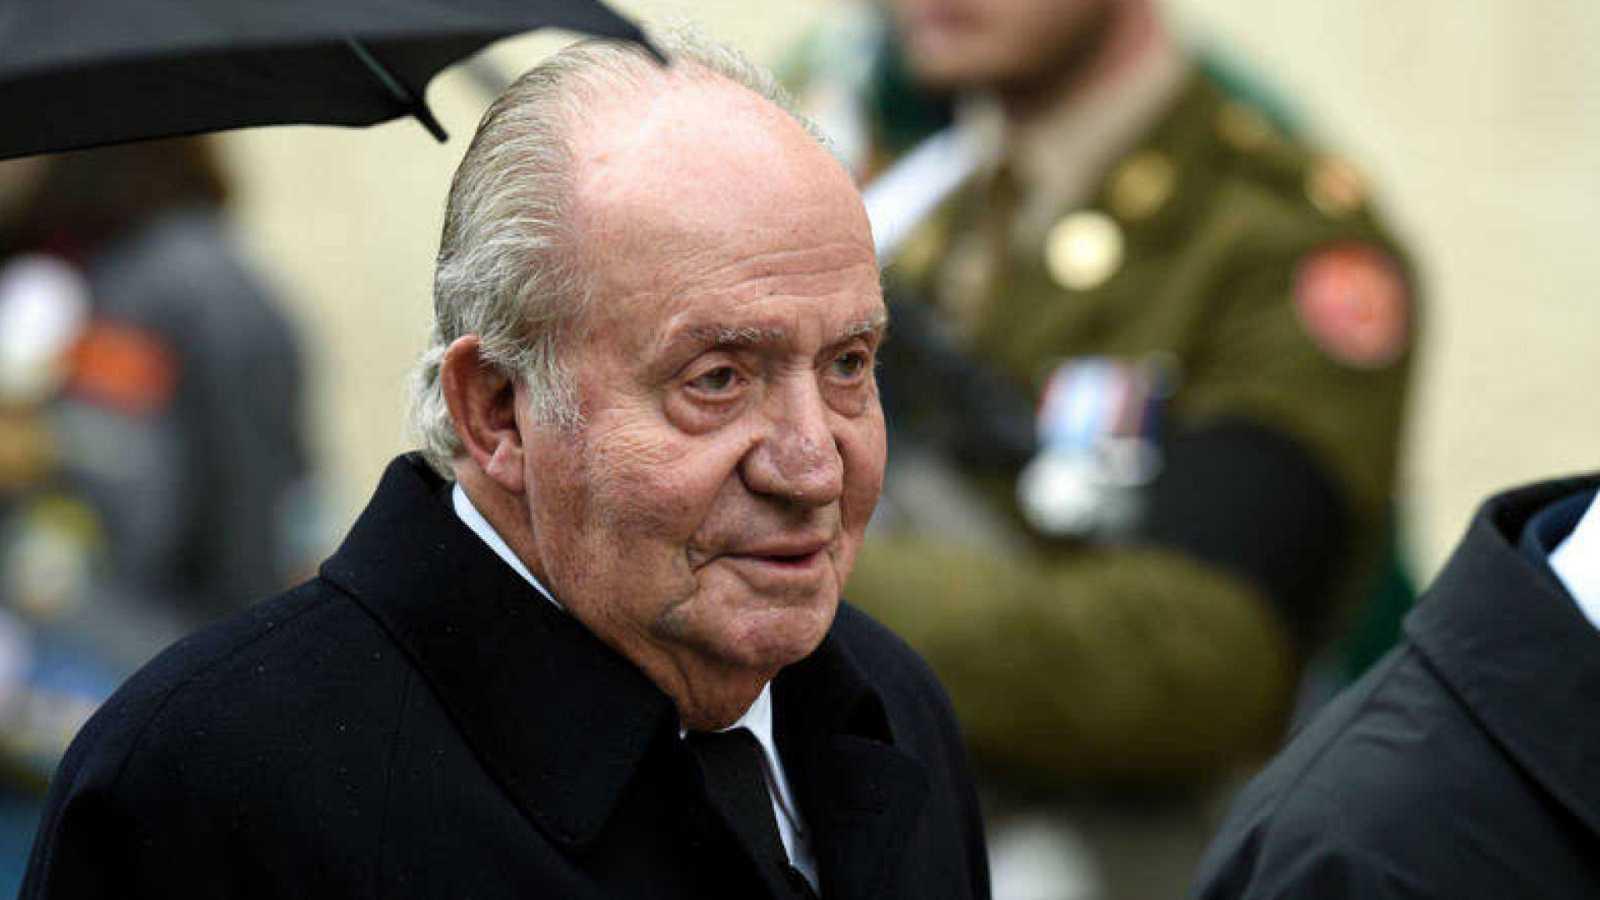 24 horas - Juan Carlos I paga 678.000 euros para regularizar su situación - Escuchar ahora